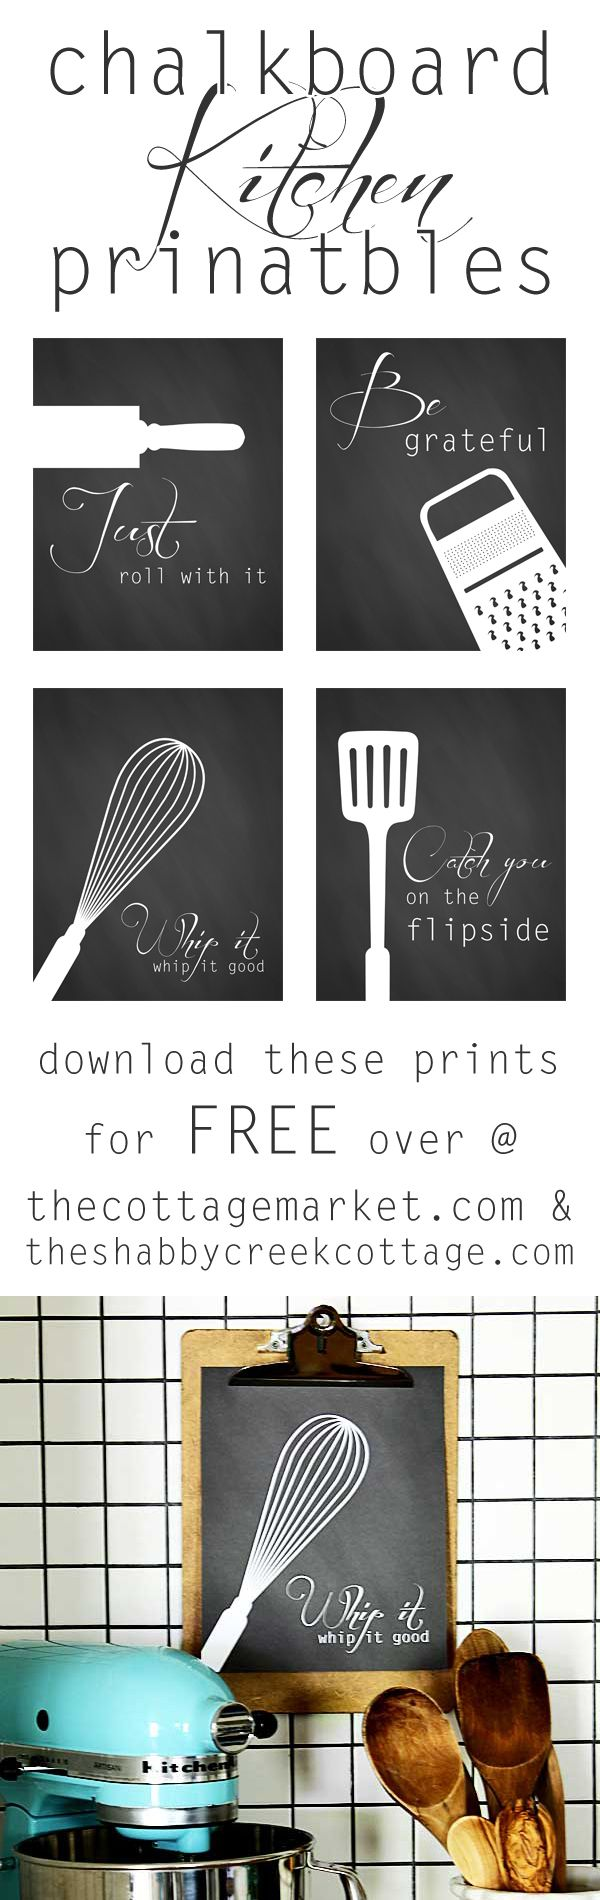 Free kitchen art printables - a set of four